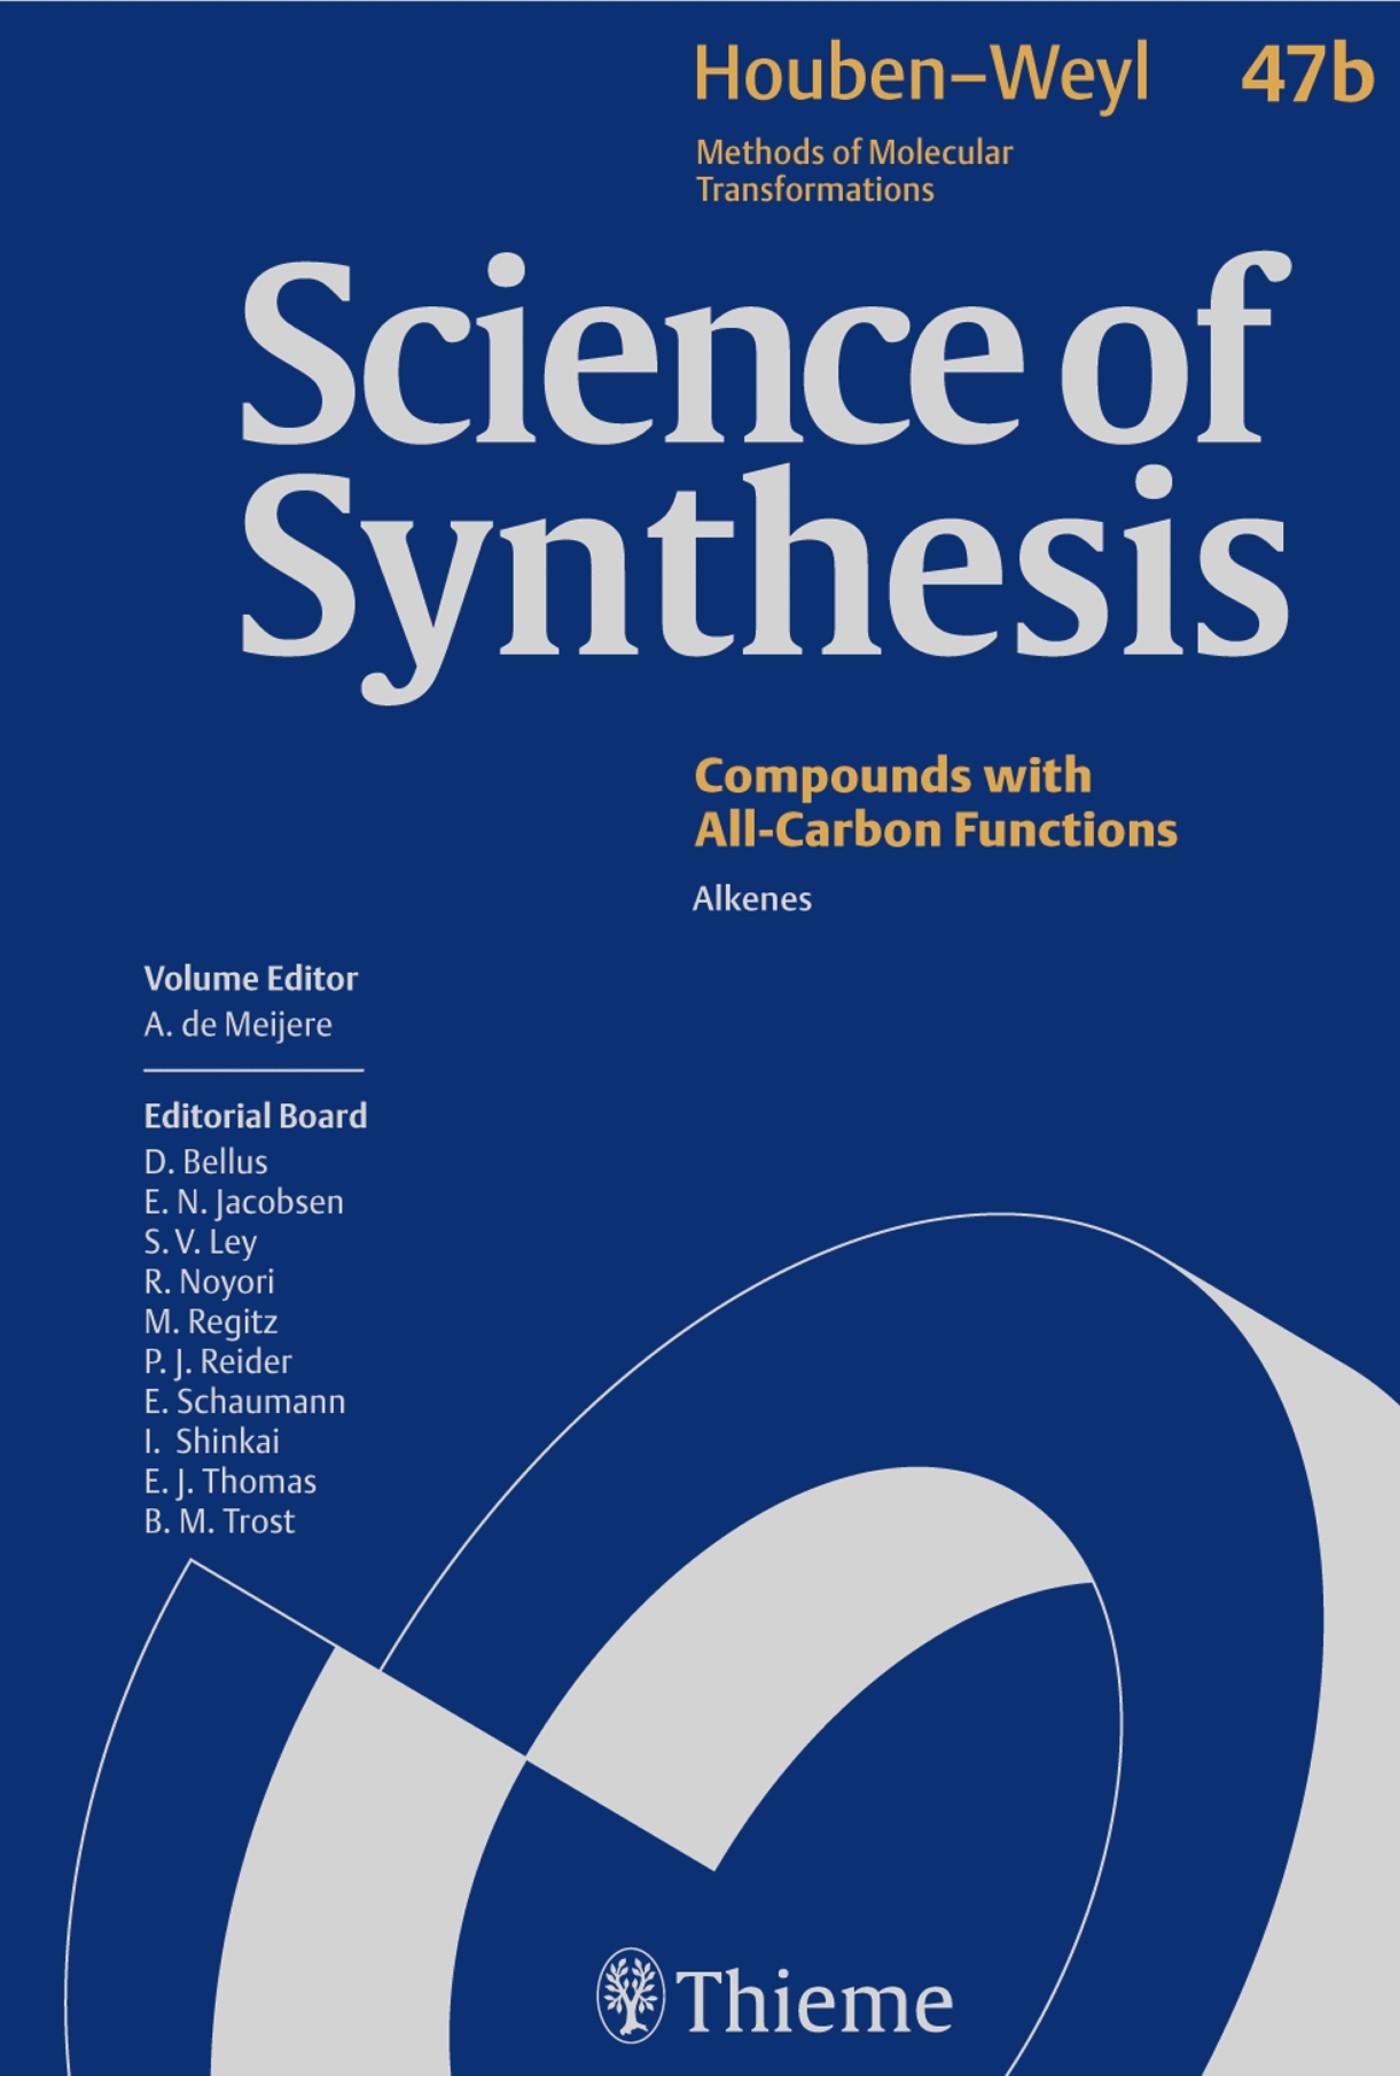 Abbildung von de Meijere | Science of Synthesis: Houben-Weyl Methods of Molecular Transformations Vol. 47b | 1. Auflage | 2009